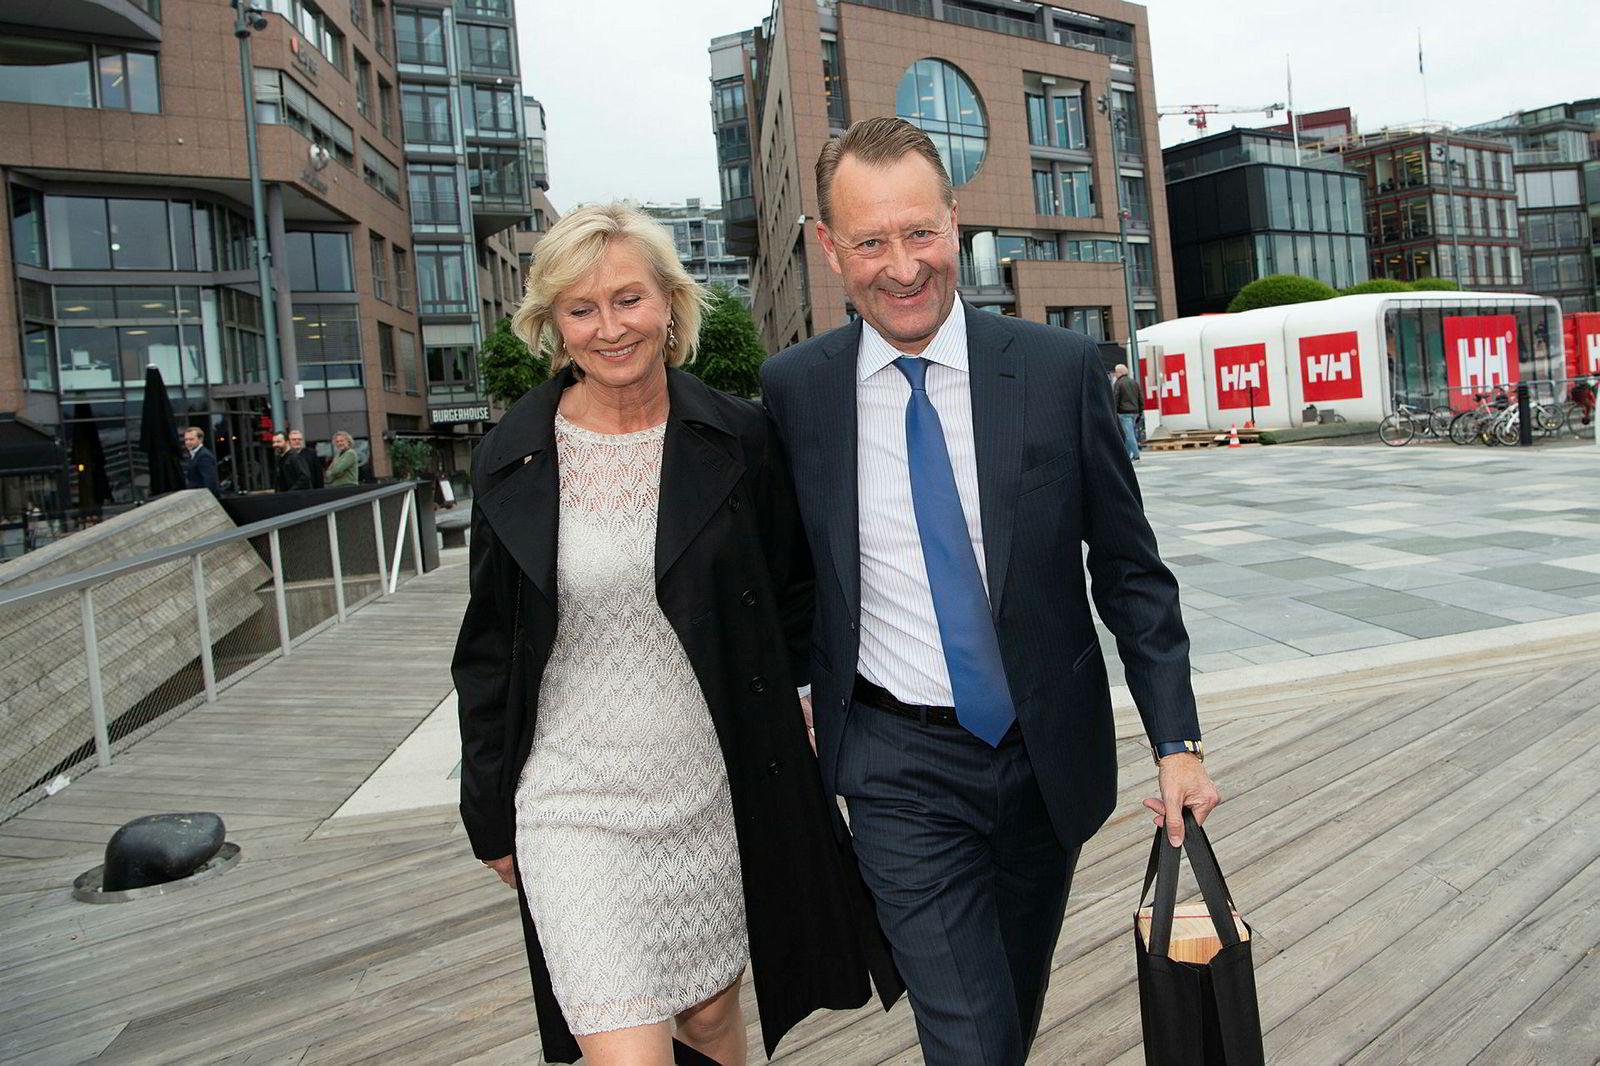 Solveig og Bjørn Rune Gjelsten deltok på festen. Hva de hadde med i posen var en hemmelighet, men formen på boksen av tre kan tyde på en bedre vin.